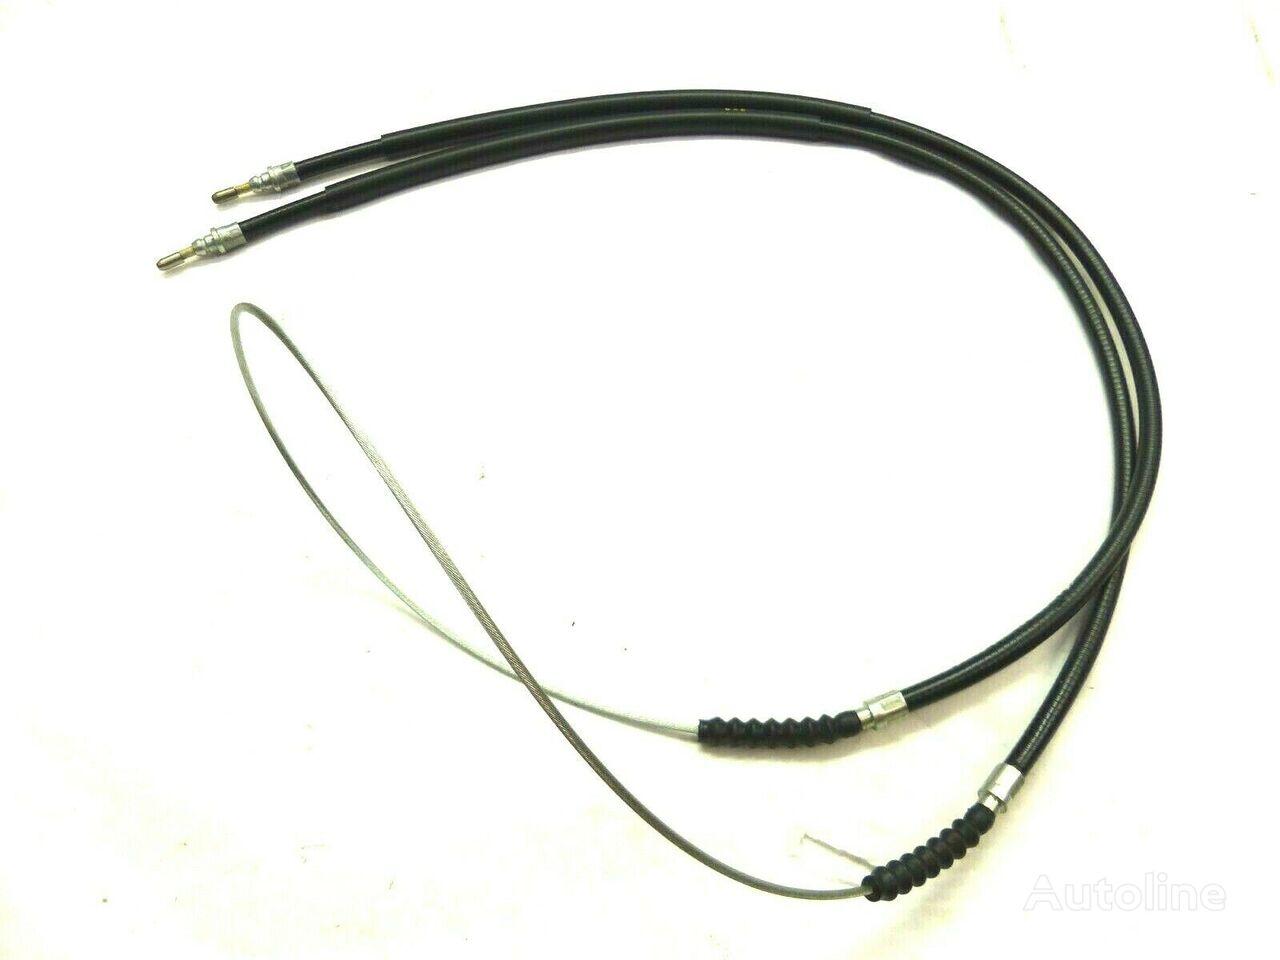 Hand-Brems-Seil Original (1339394080) otra pieza del sistema de frenado para FIAT Ducato vehículo comercial